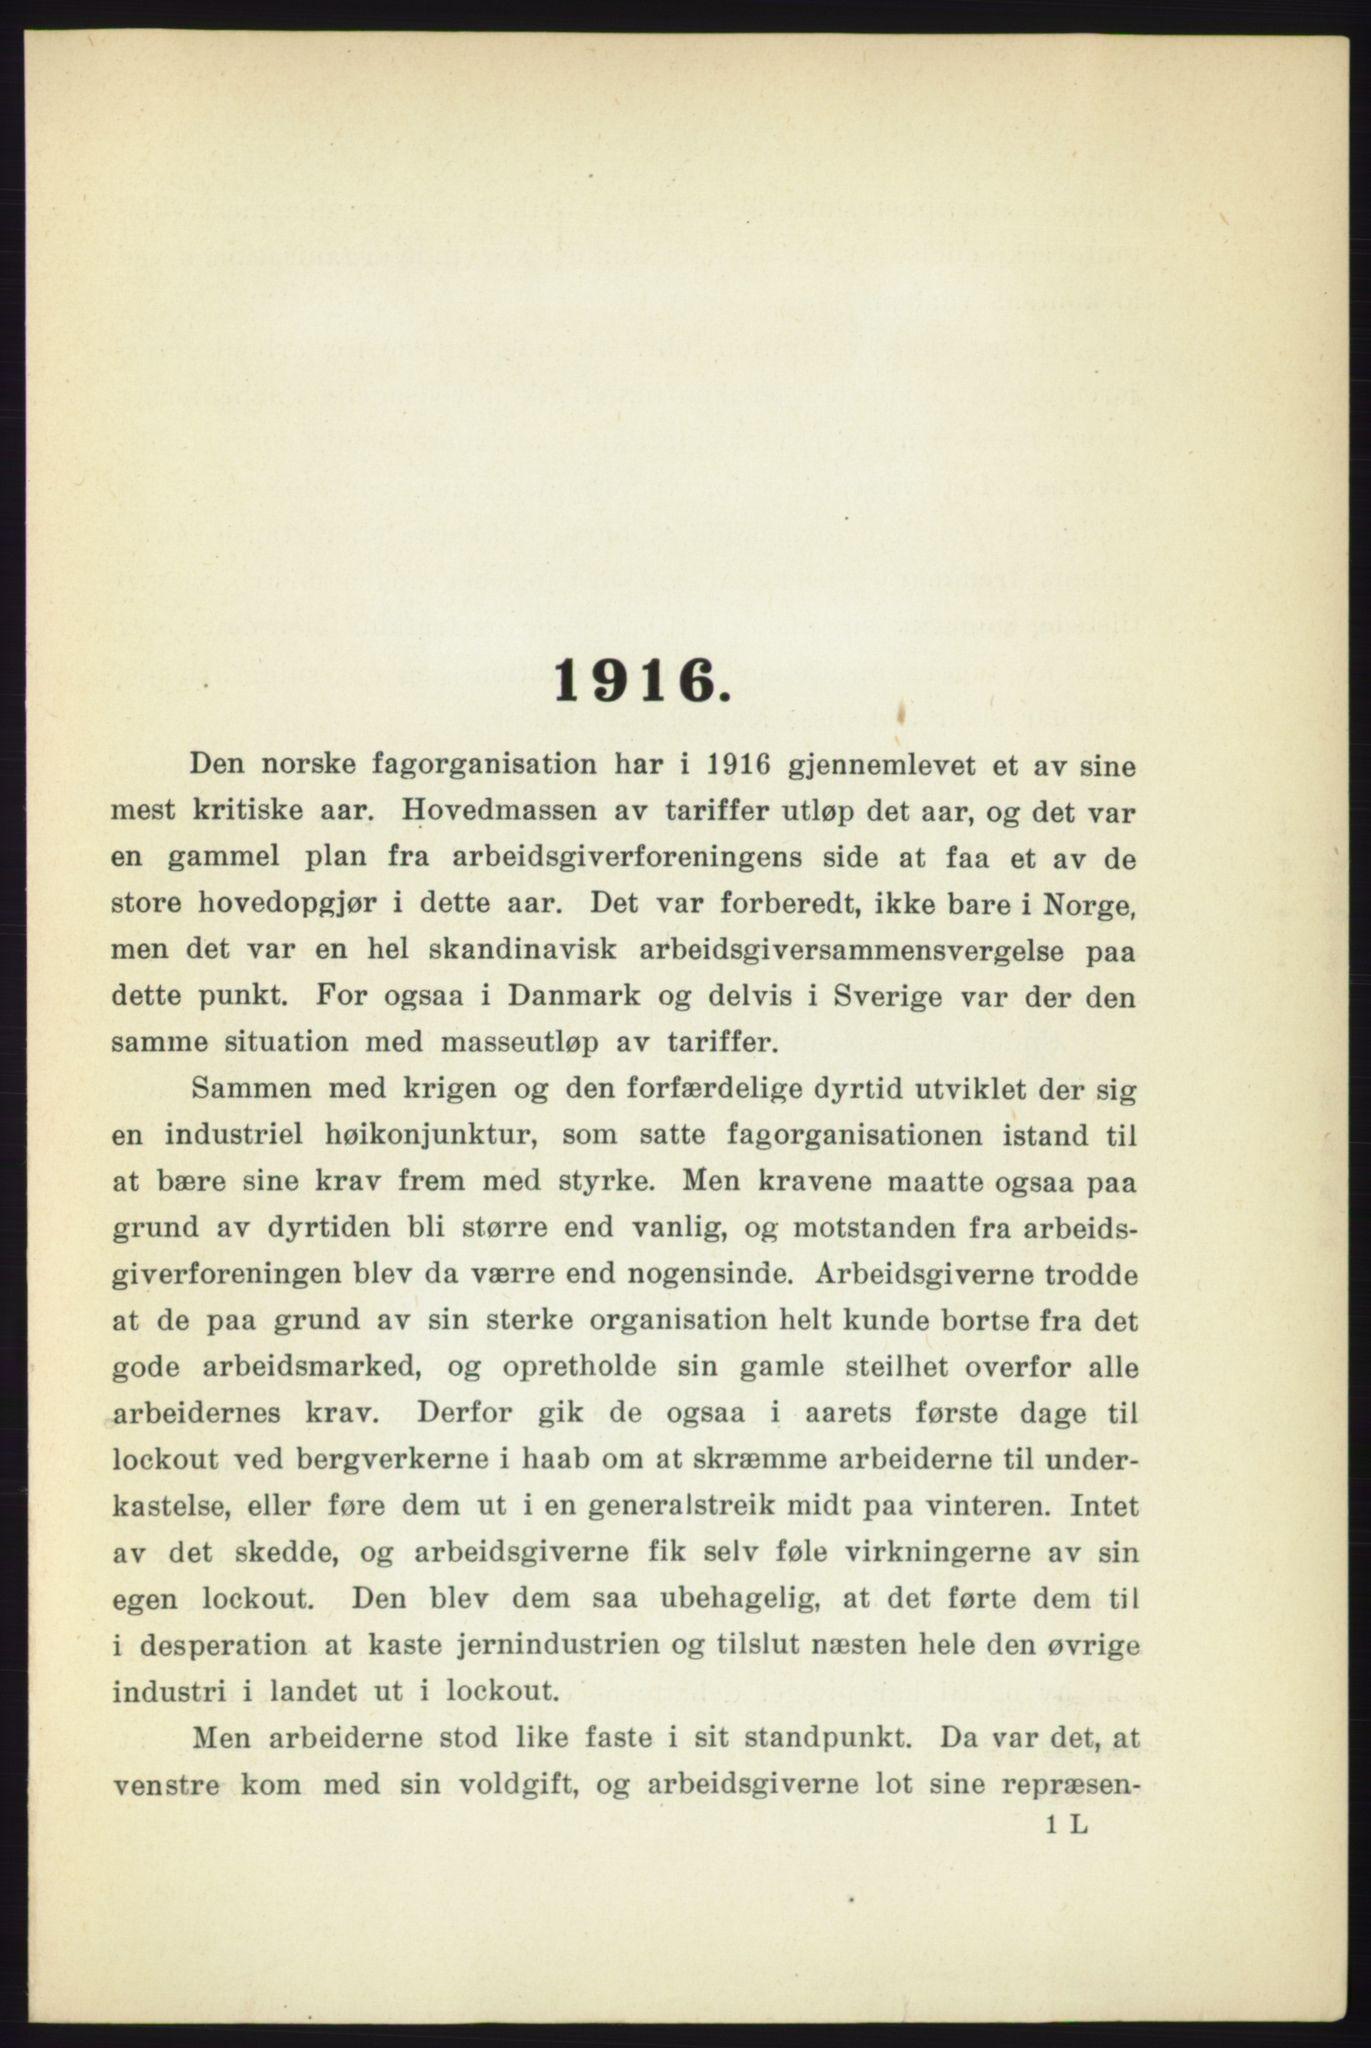 AAB, Landsorganisasjonen i Norge - publikasjoner, -/-: Landsorganisationens beretning for 1916, 1916, s. 1